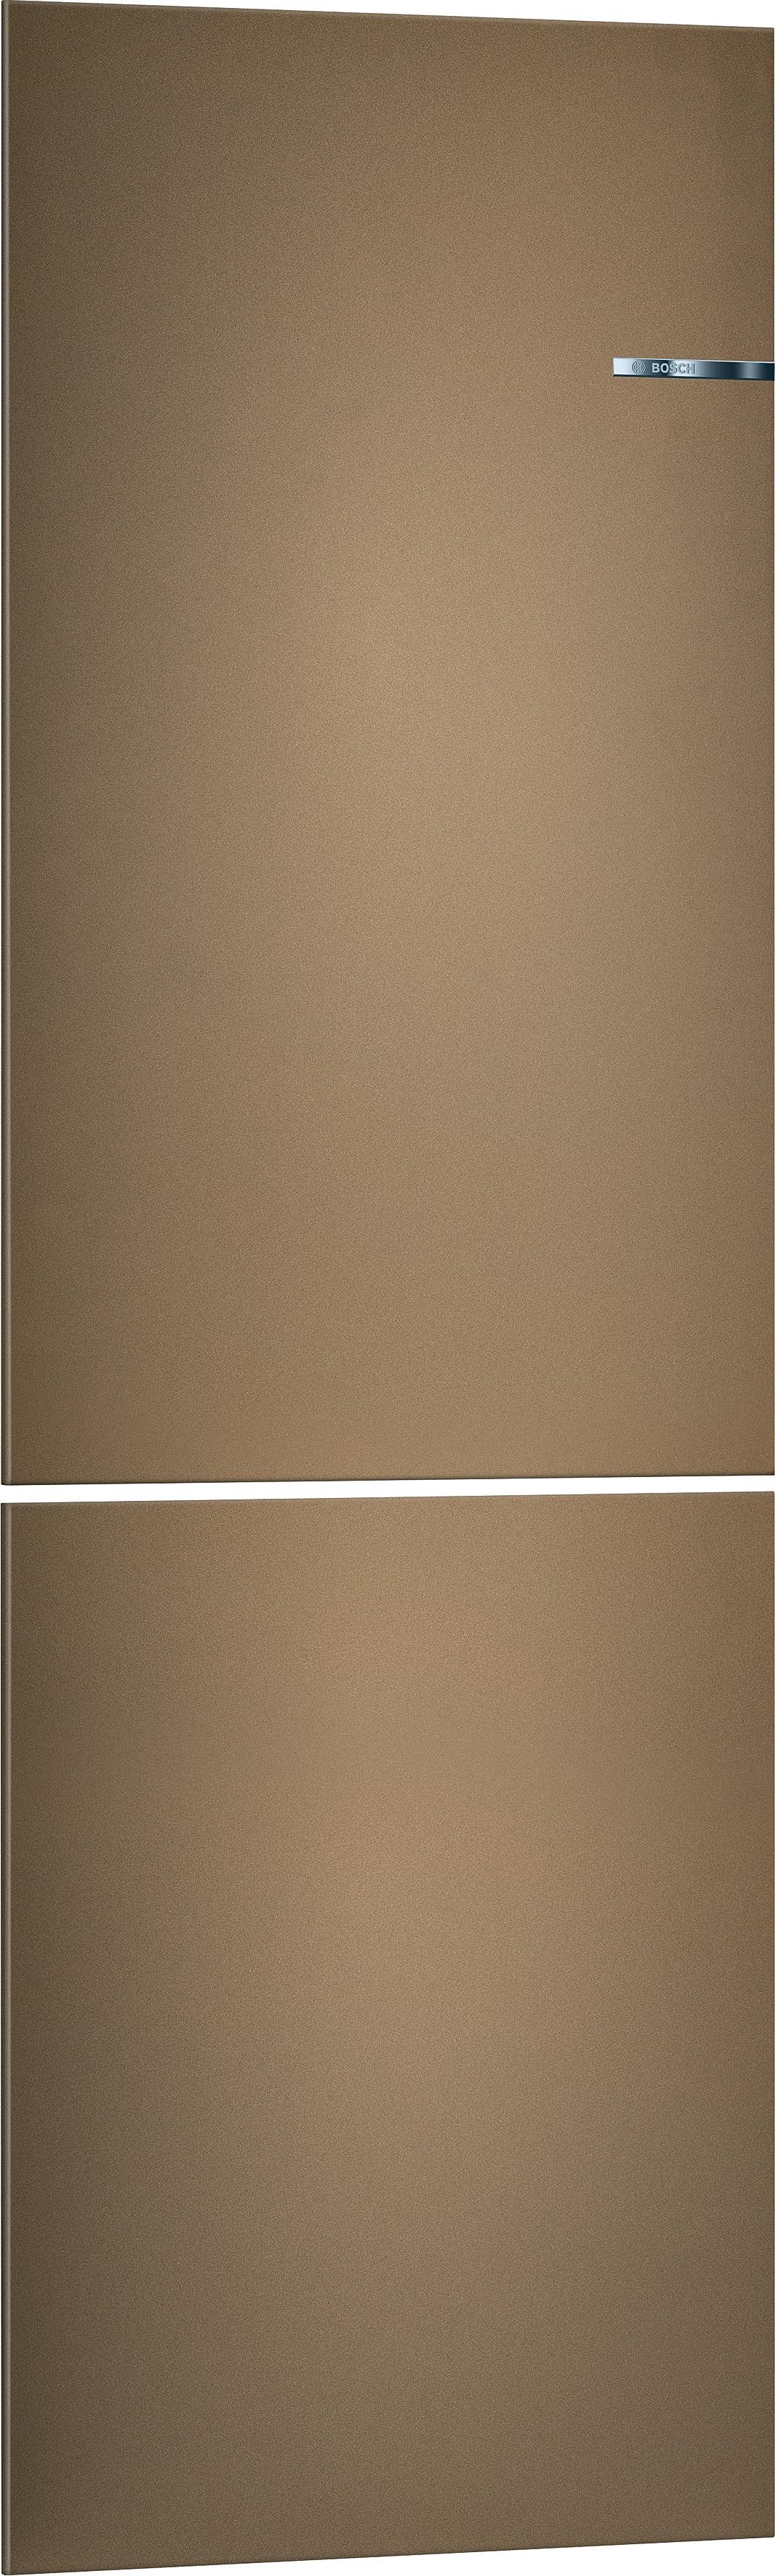 Op Perfect Plasma is alles over algemeen te vinden: waaronder expert en specifiek Bosch KSZ1AVD20 Koelkast accessoire Brons